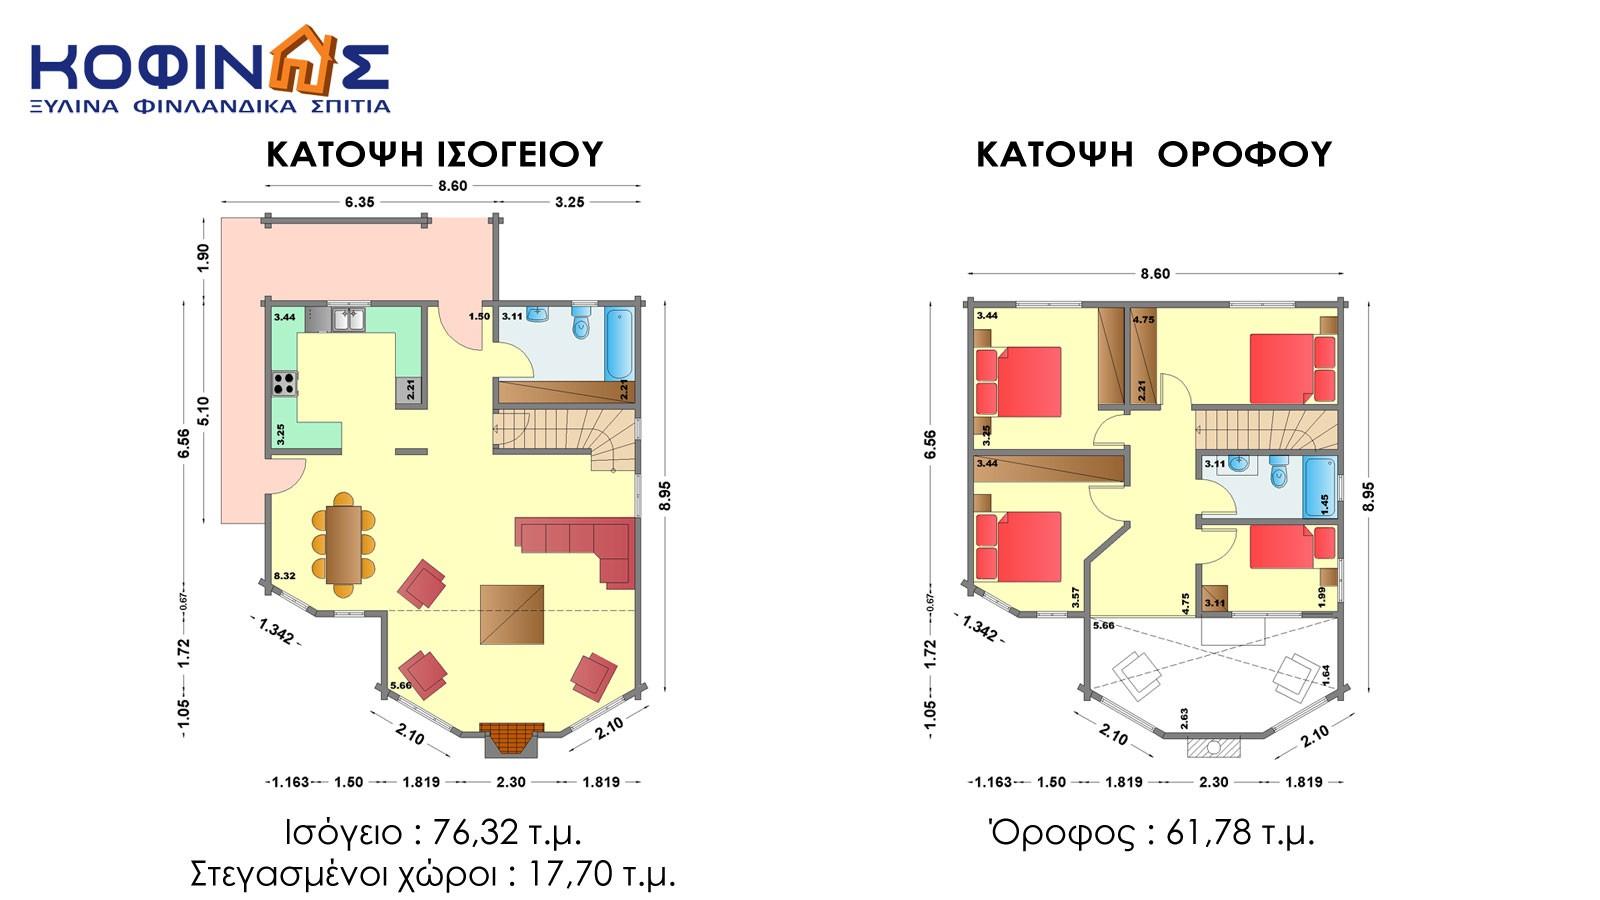 Διώροφη Ξύλινη Κατοικία XD-138, συνολικής επιφάνειας 138,10 τ.μ.